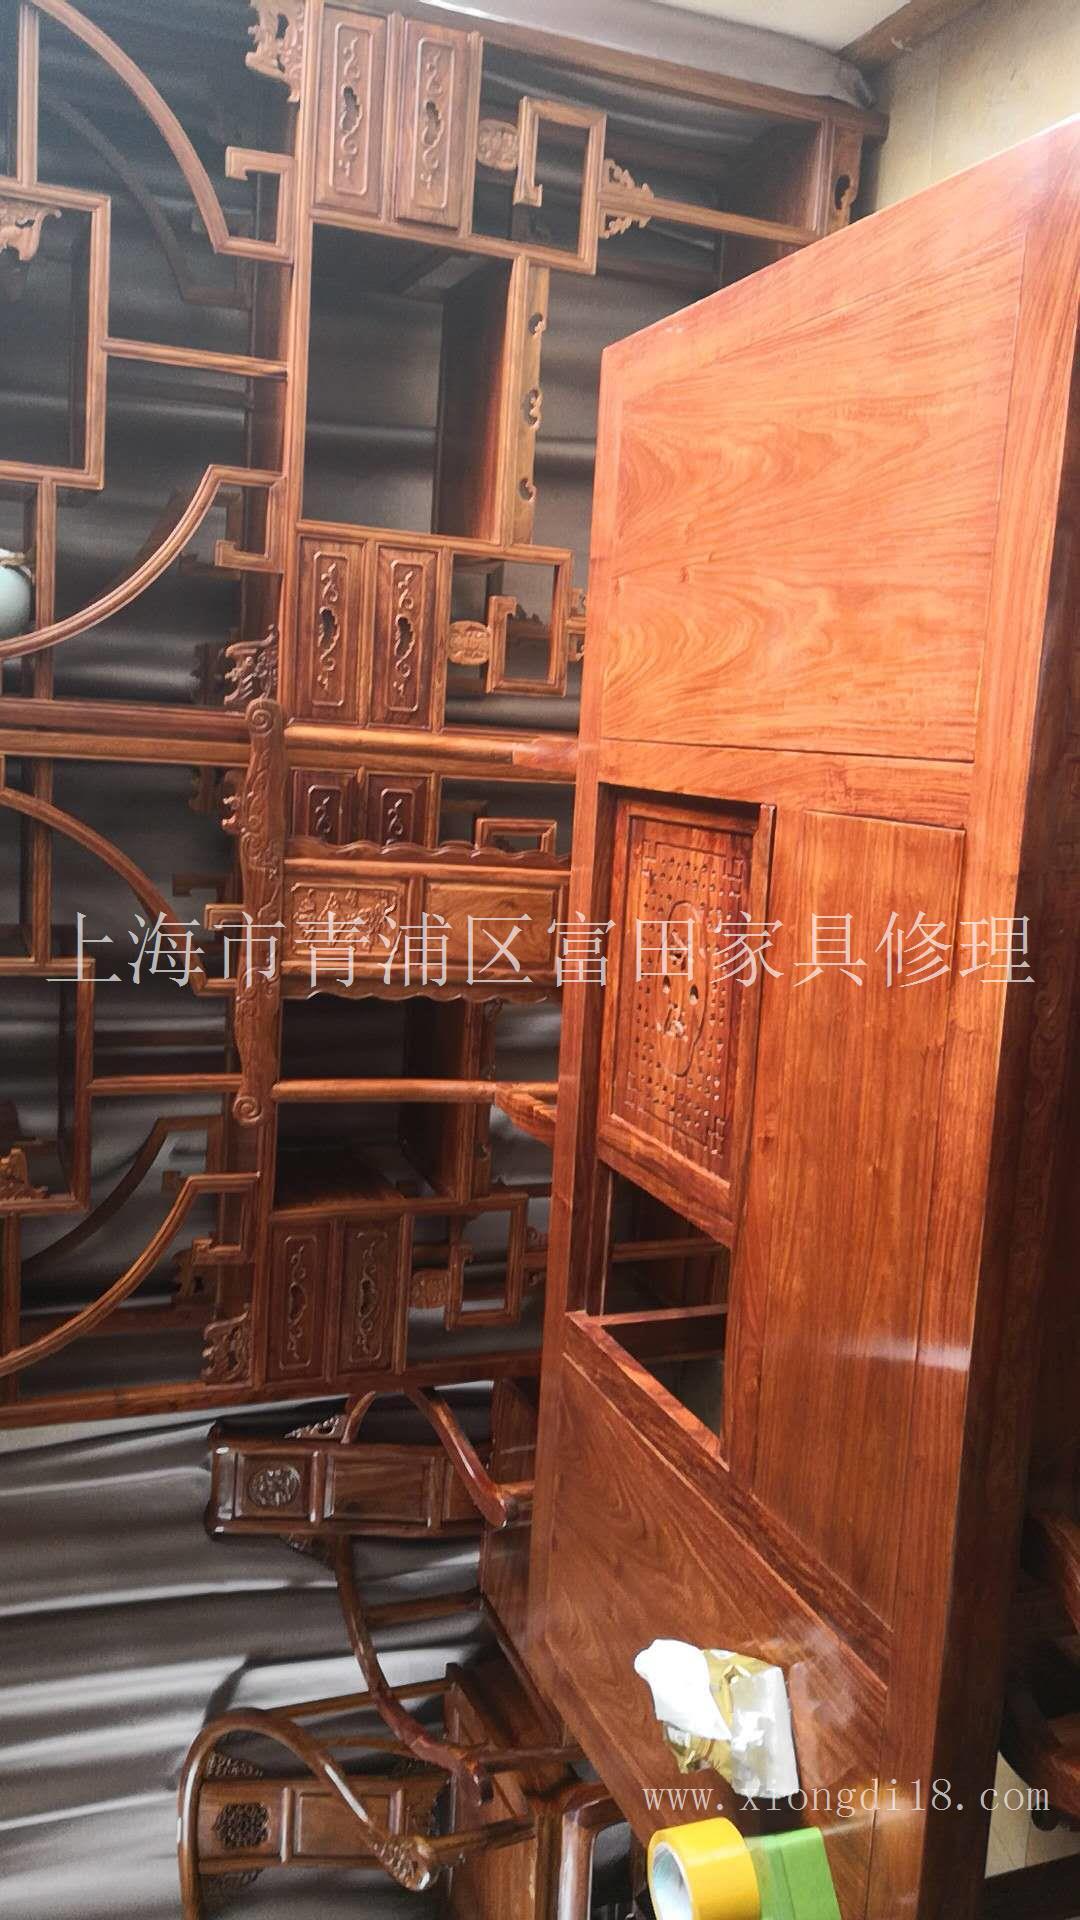 红木家具加工|上海红木家具加工报价